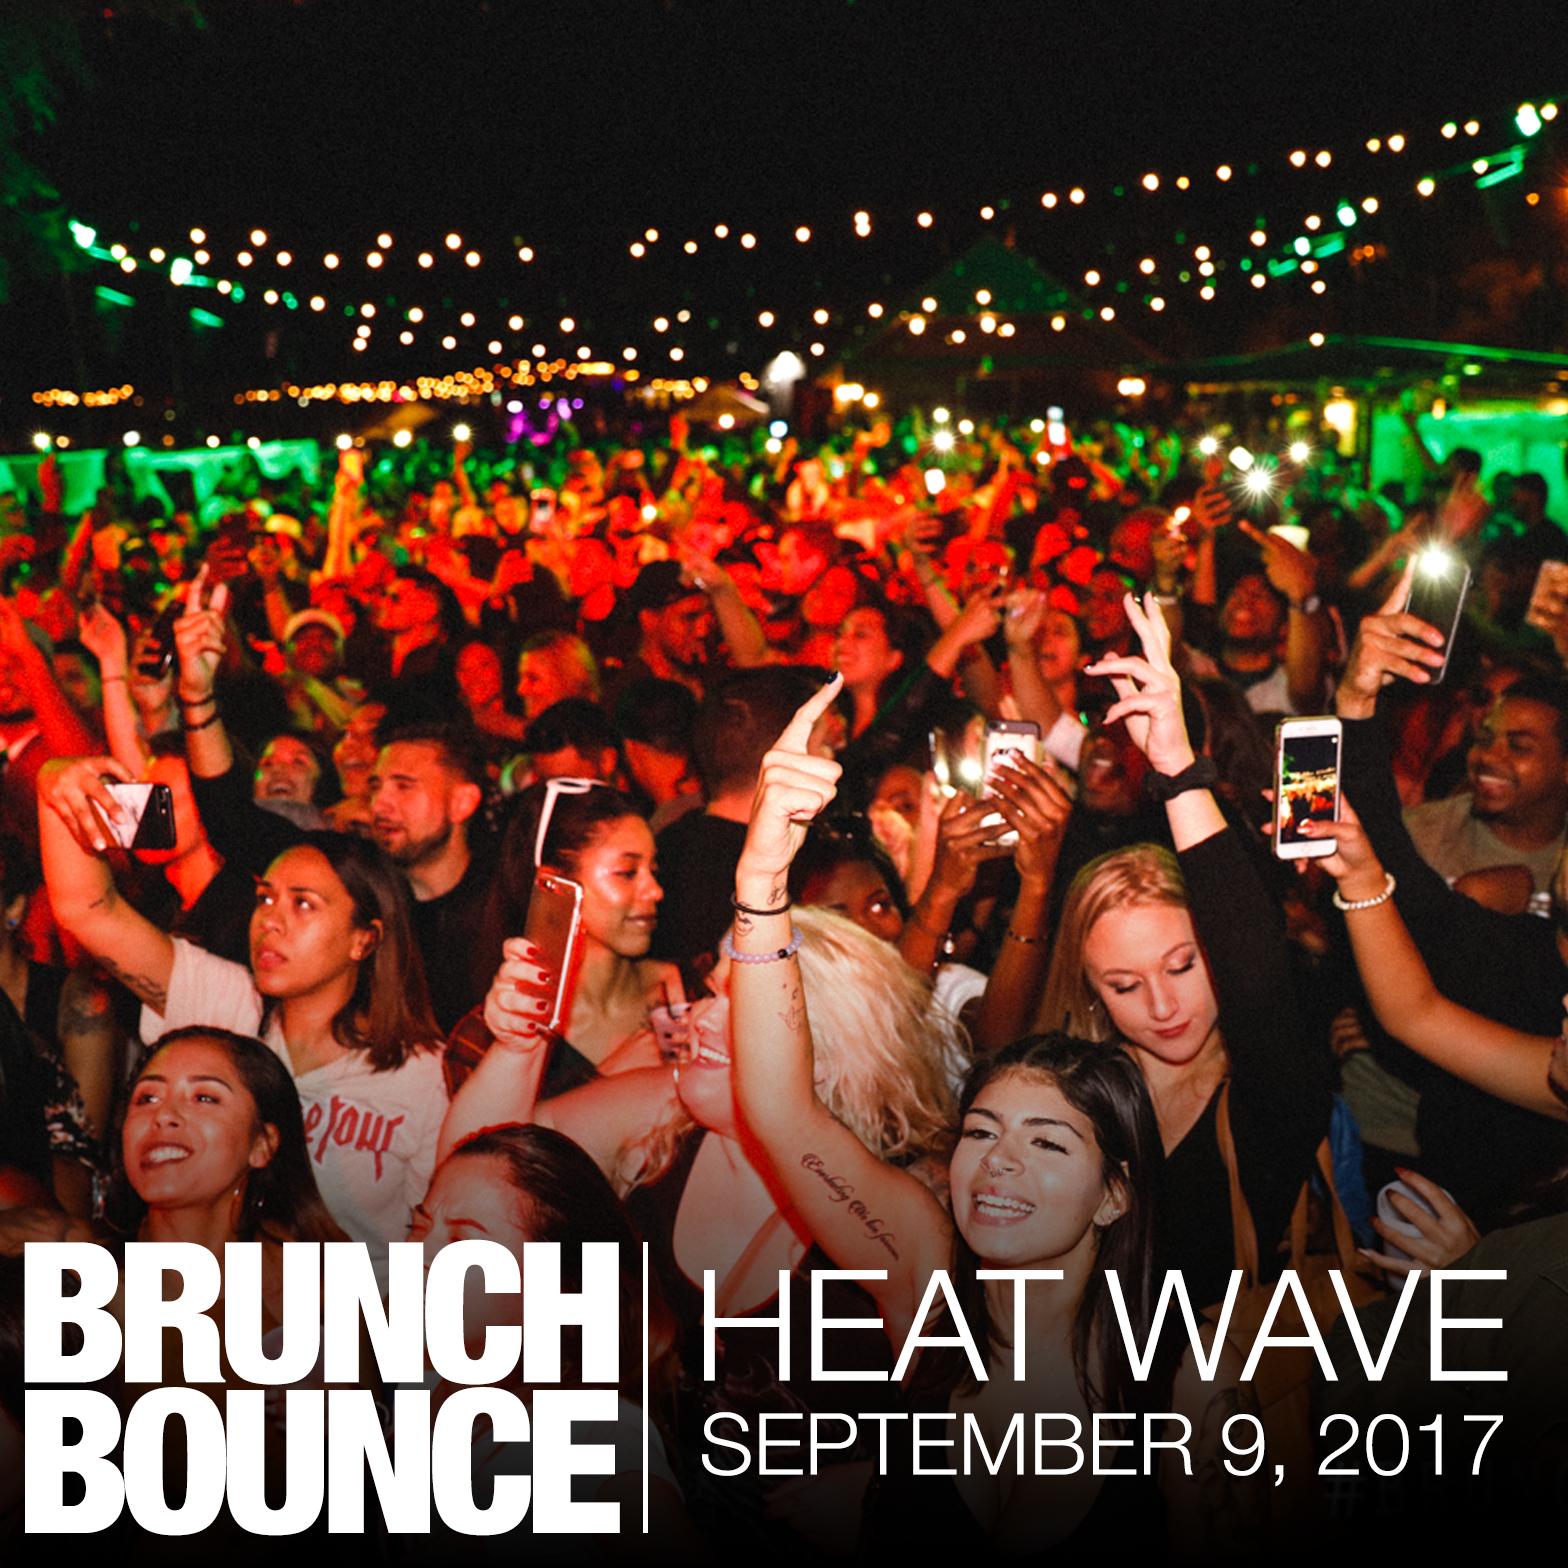 Brunch Bounce Heat Wave 9.9.17